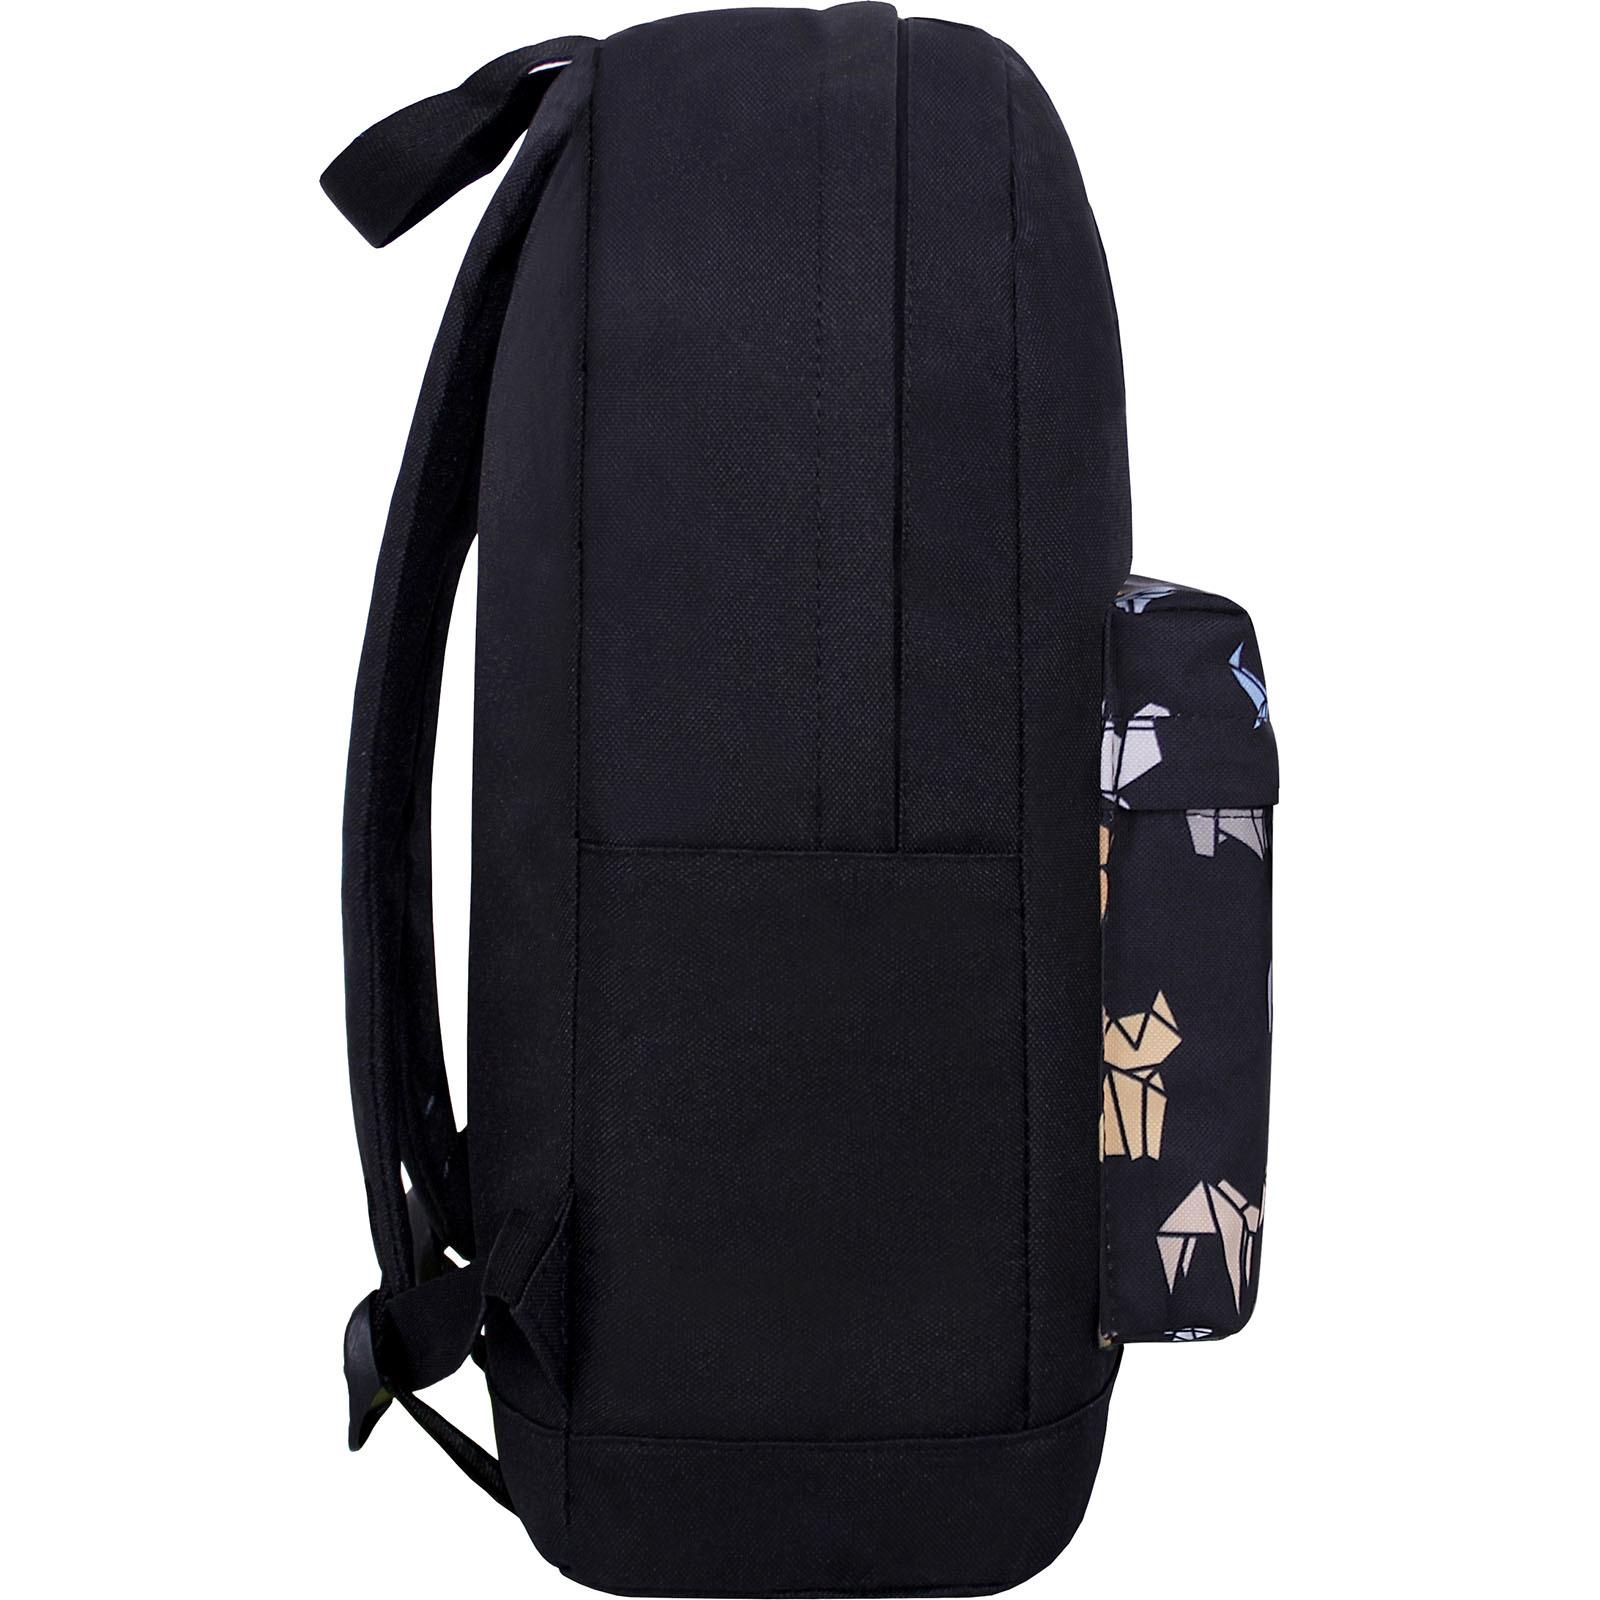 Рюкзак Bagland Молодежный W/R 17 л. Чёрный 752 (00533662) фото 2